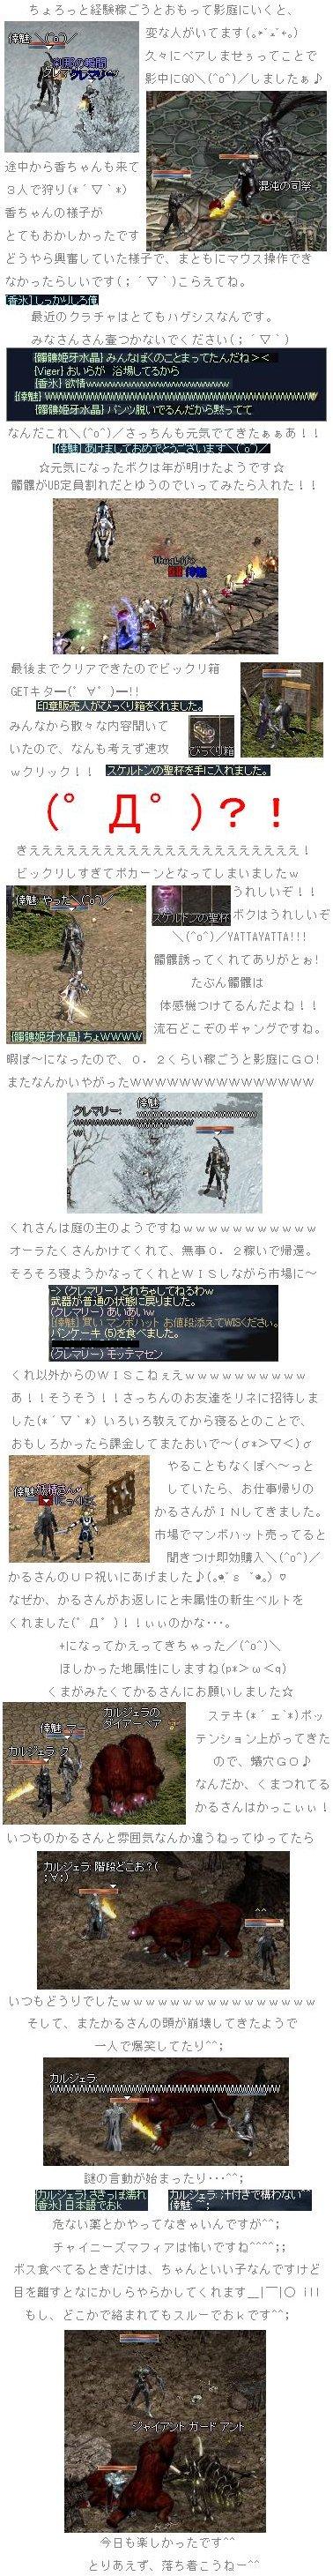 b0119937_4265276.jpg